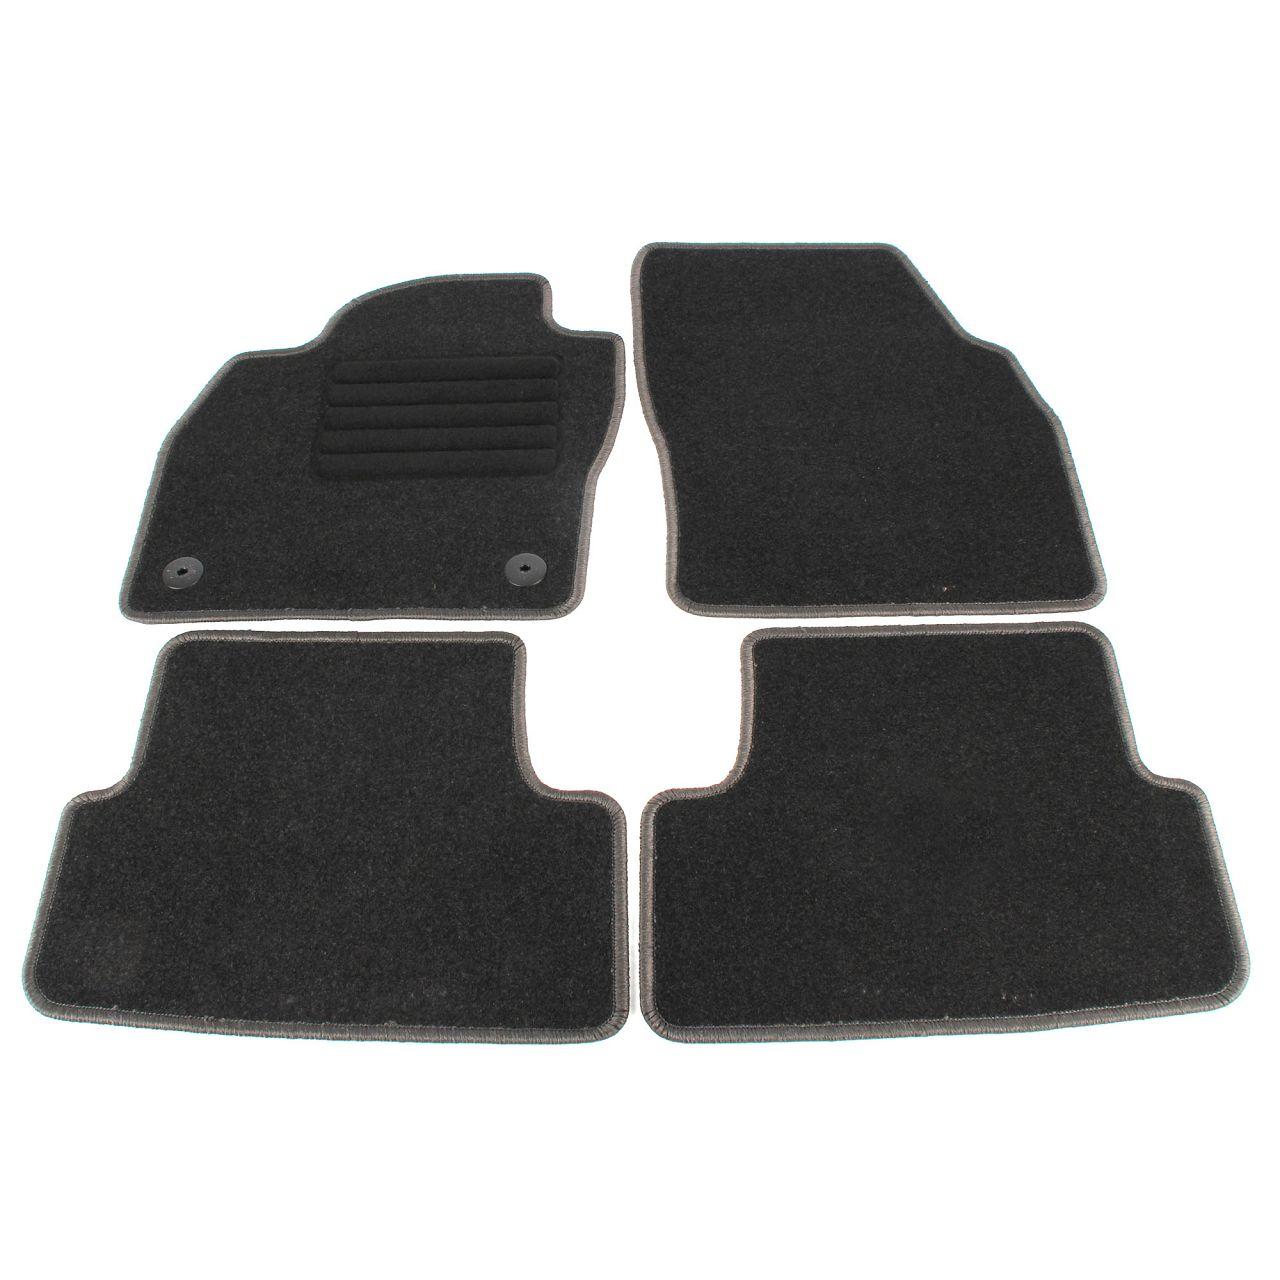 Veloursmatten Textilmatten Fußmatten für SEAT ARONA ab 07.2017 4-teilig